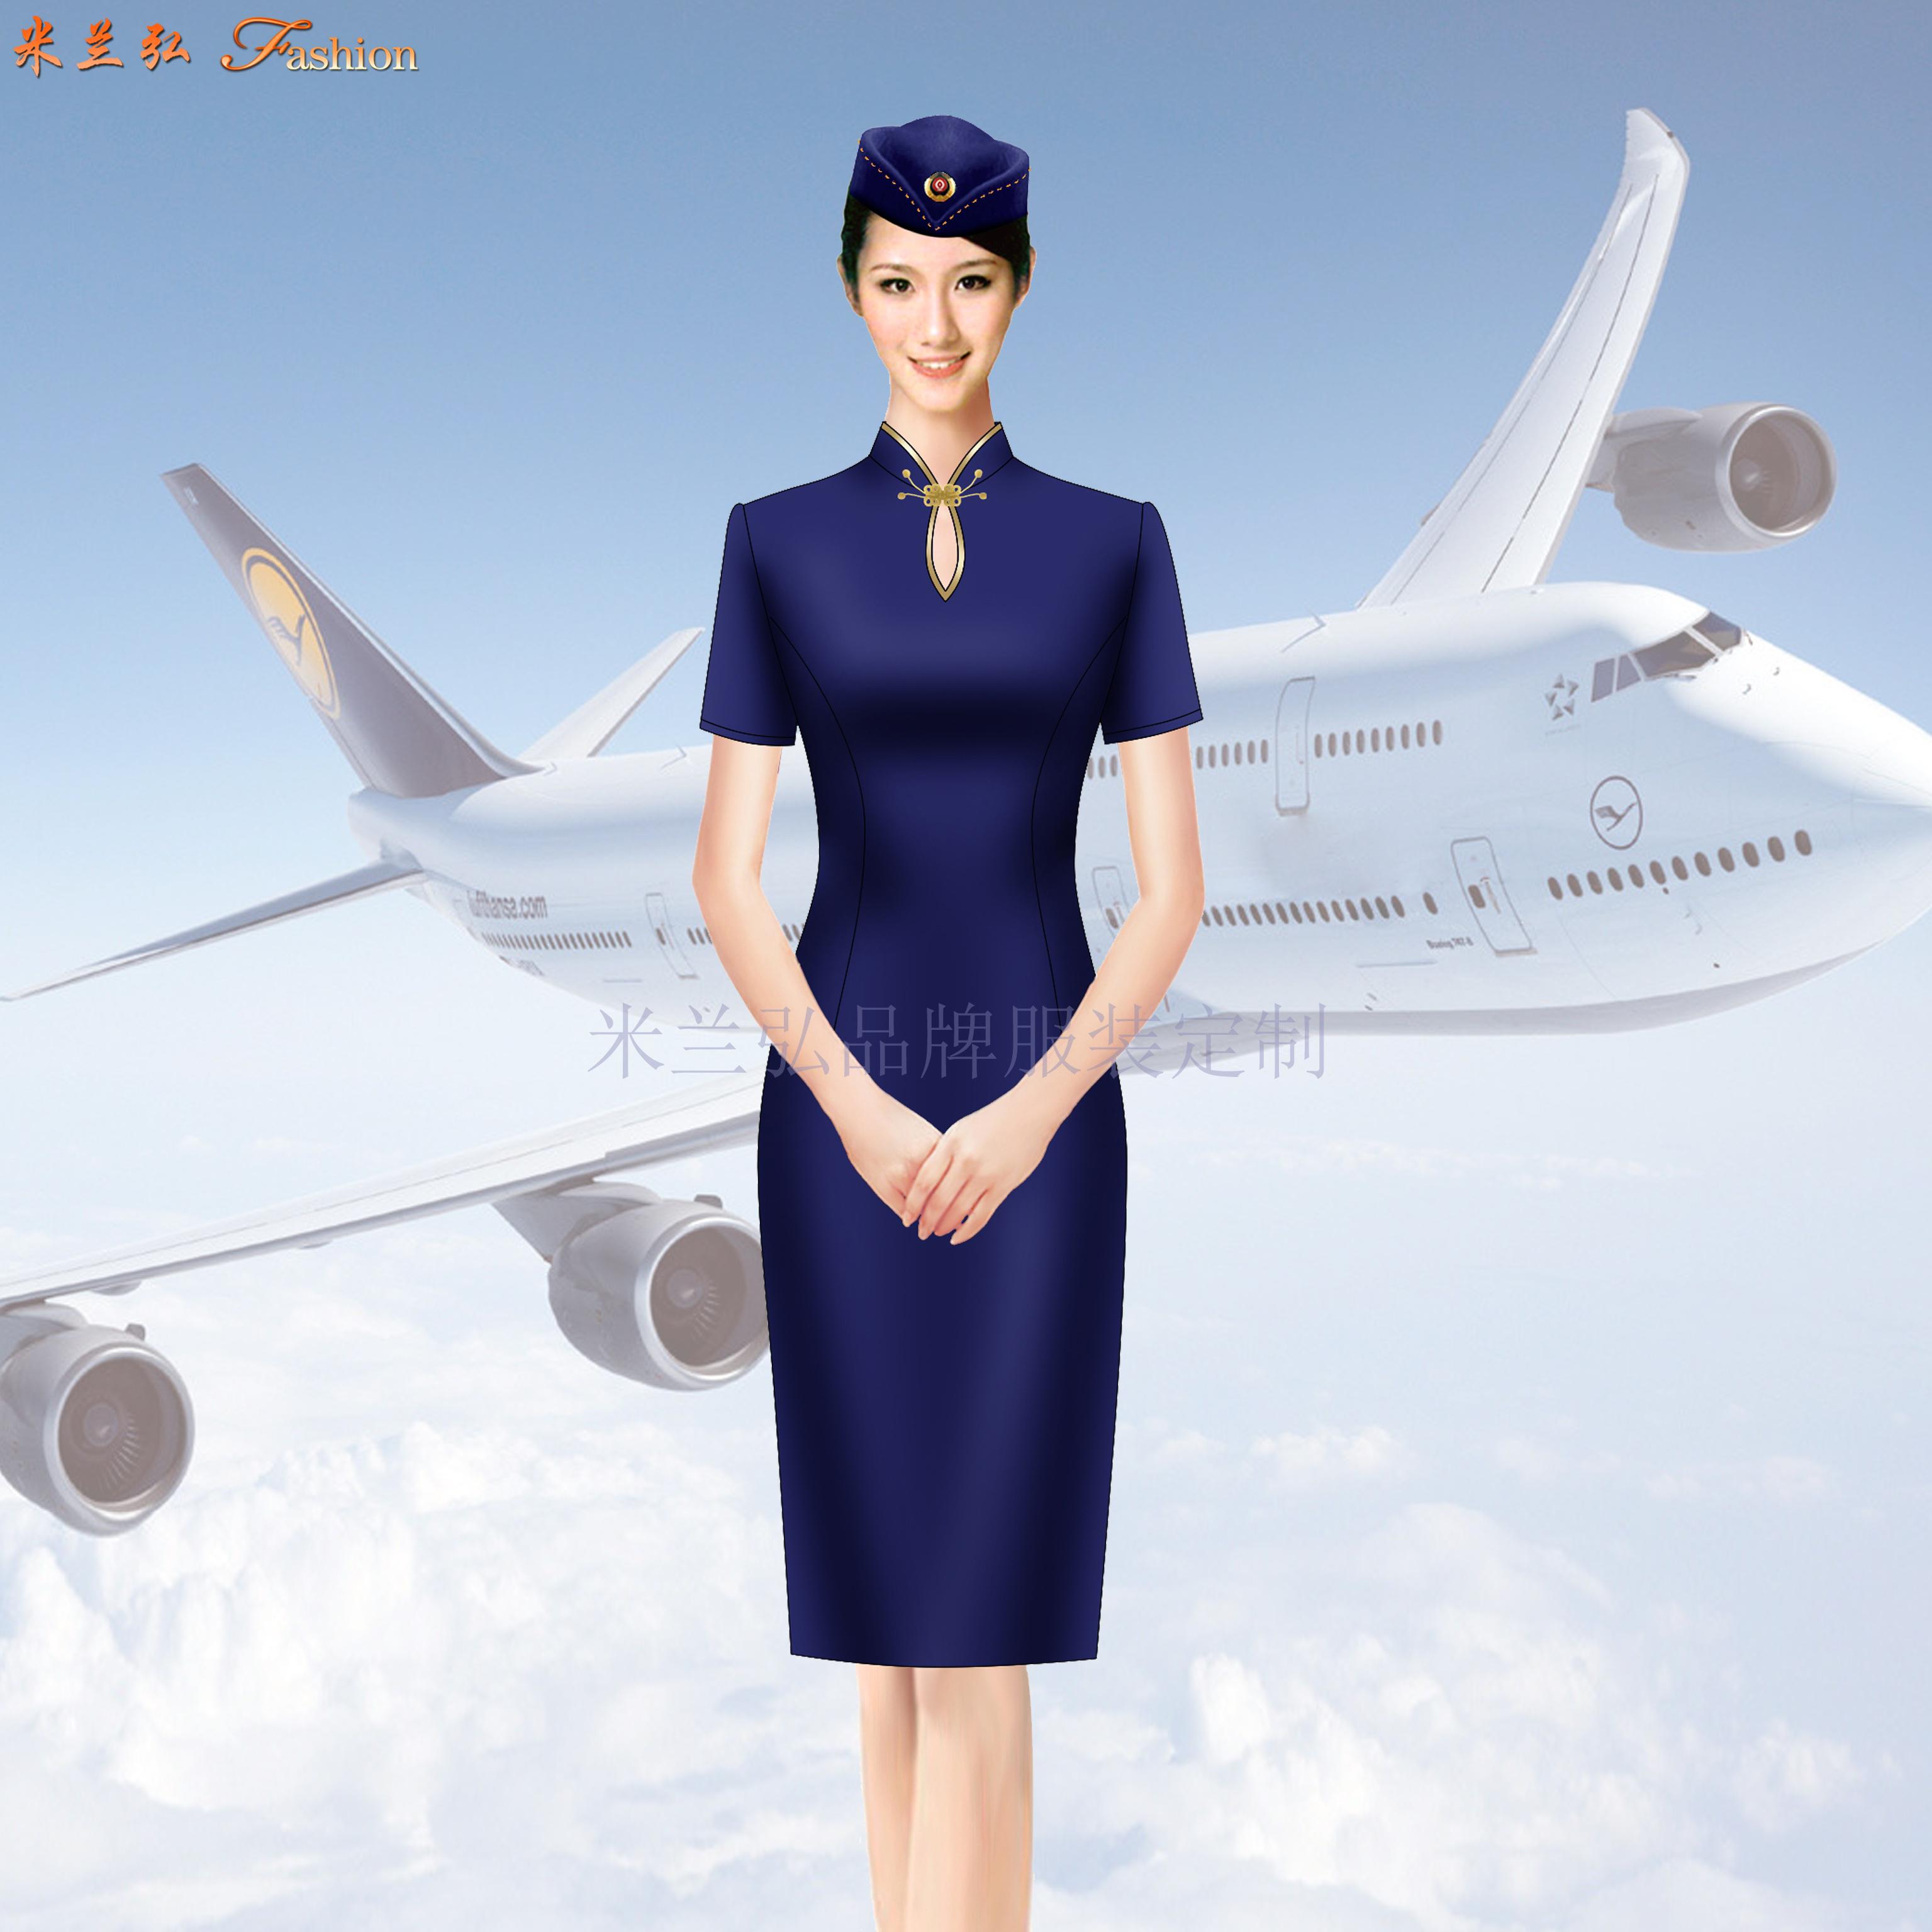 空姐連衣裙制服圖片|高鐵乘務員中式立領連衣裙定做-米蘭弘服裝-4